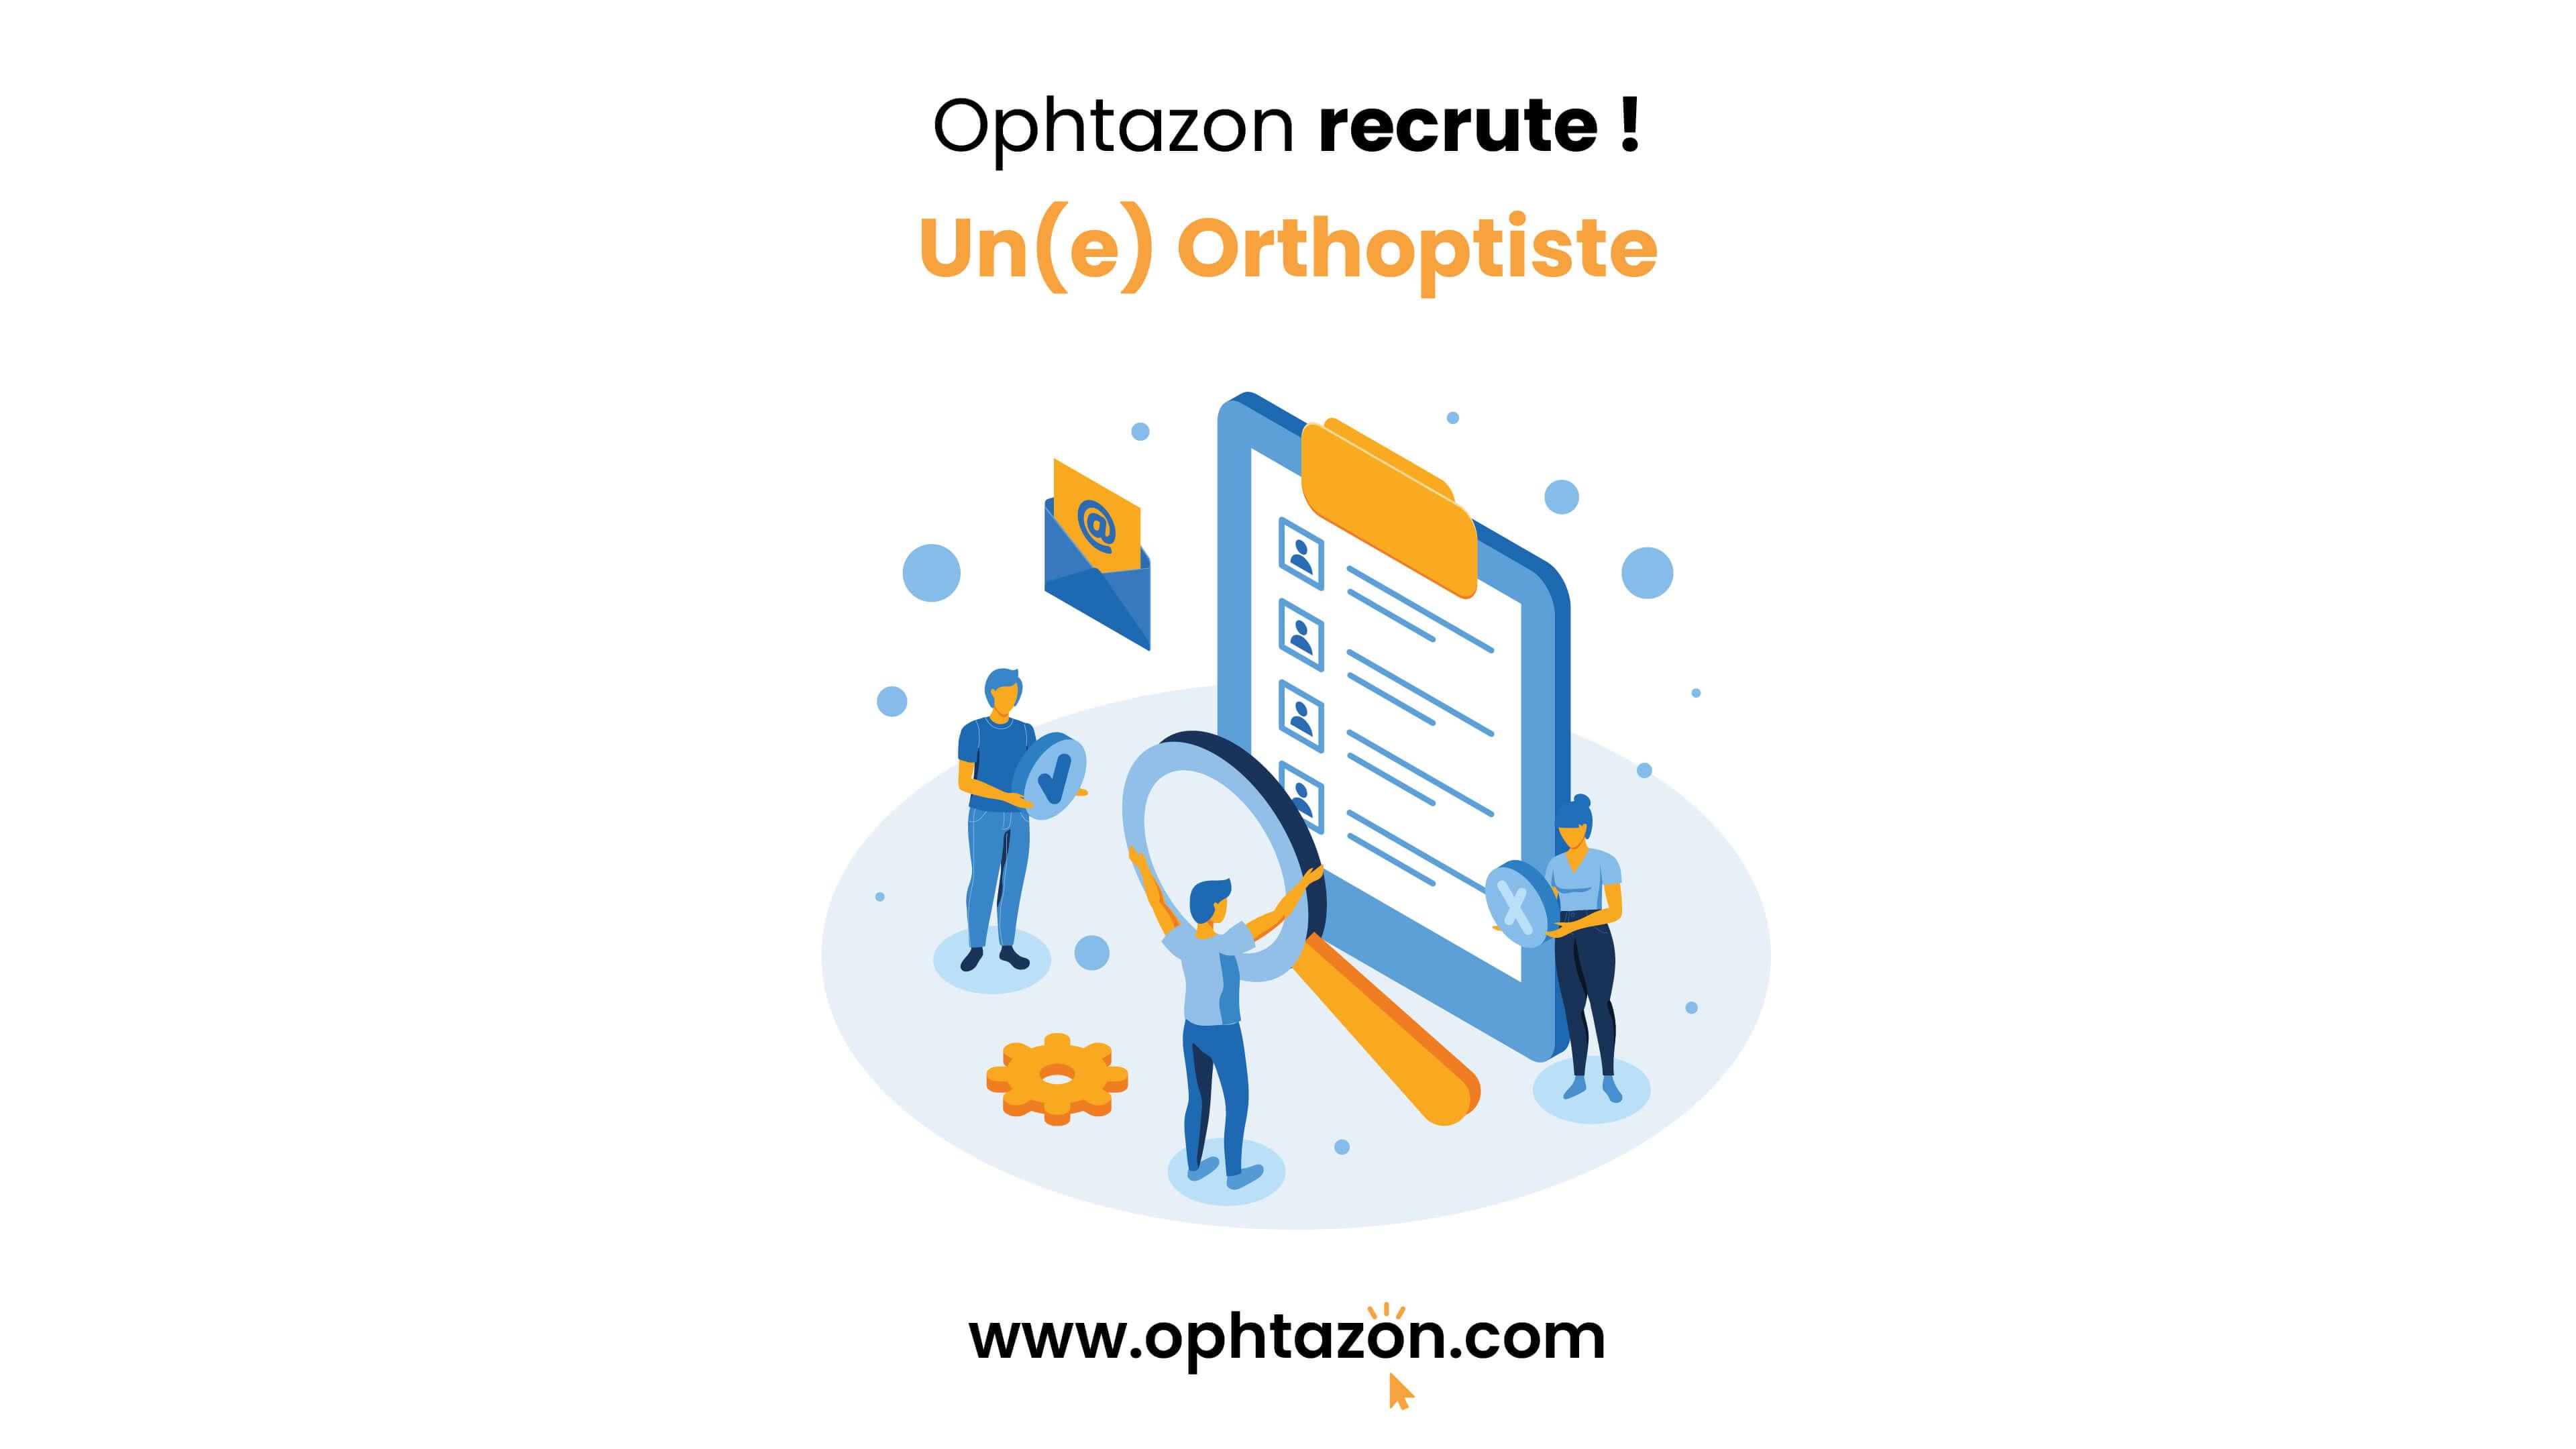 Ophtazon recrute un(e) orthoptiste